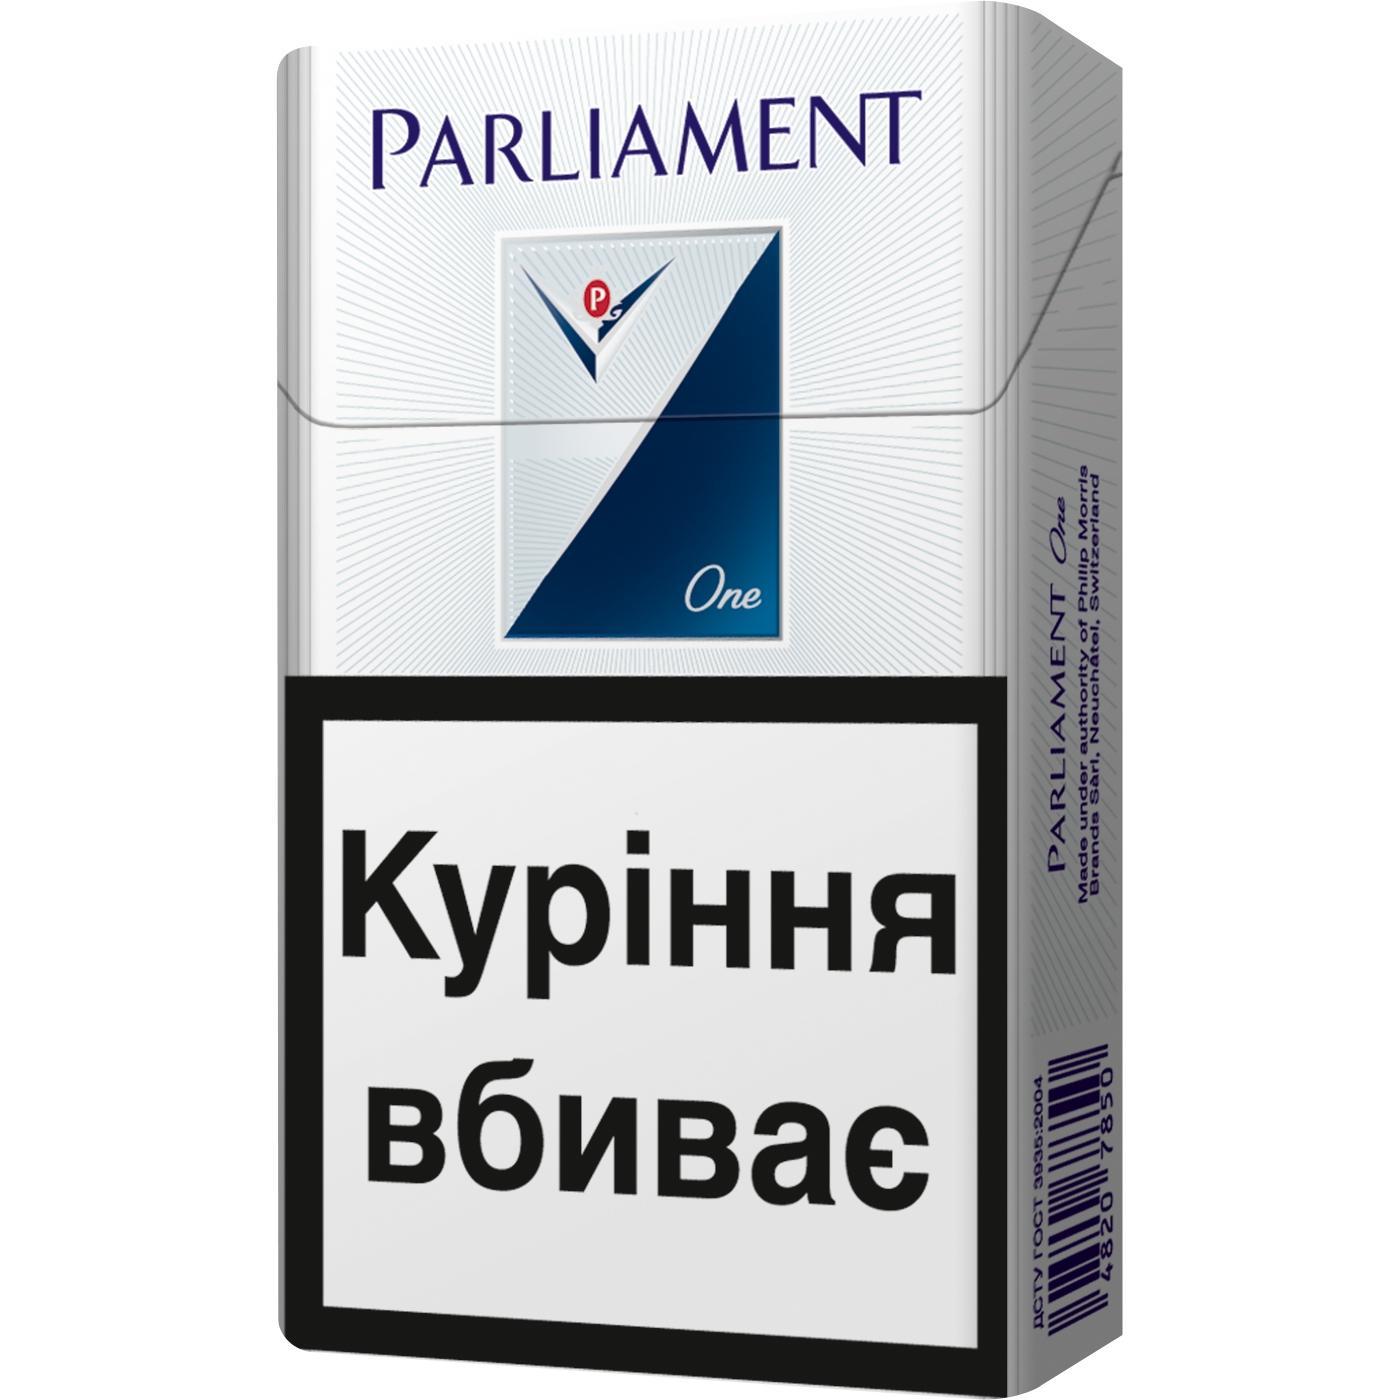 Купить сигареты parliament опт сигарет оптом в спб дешево